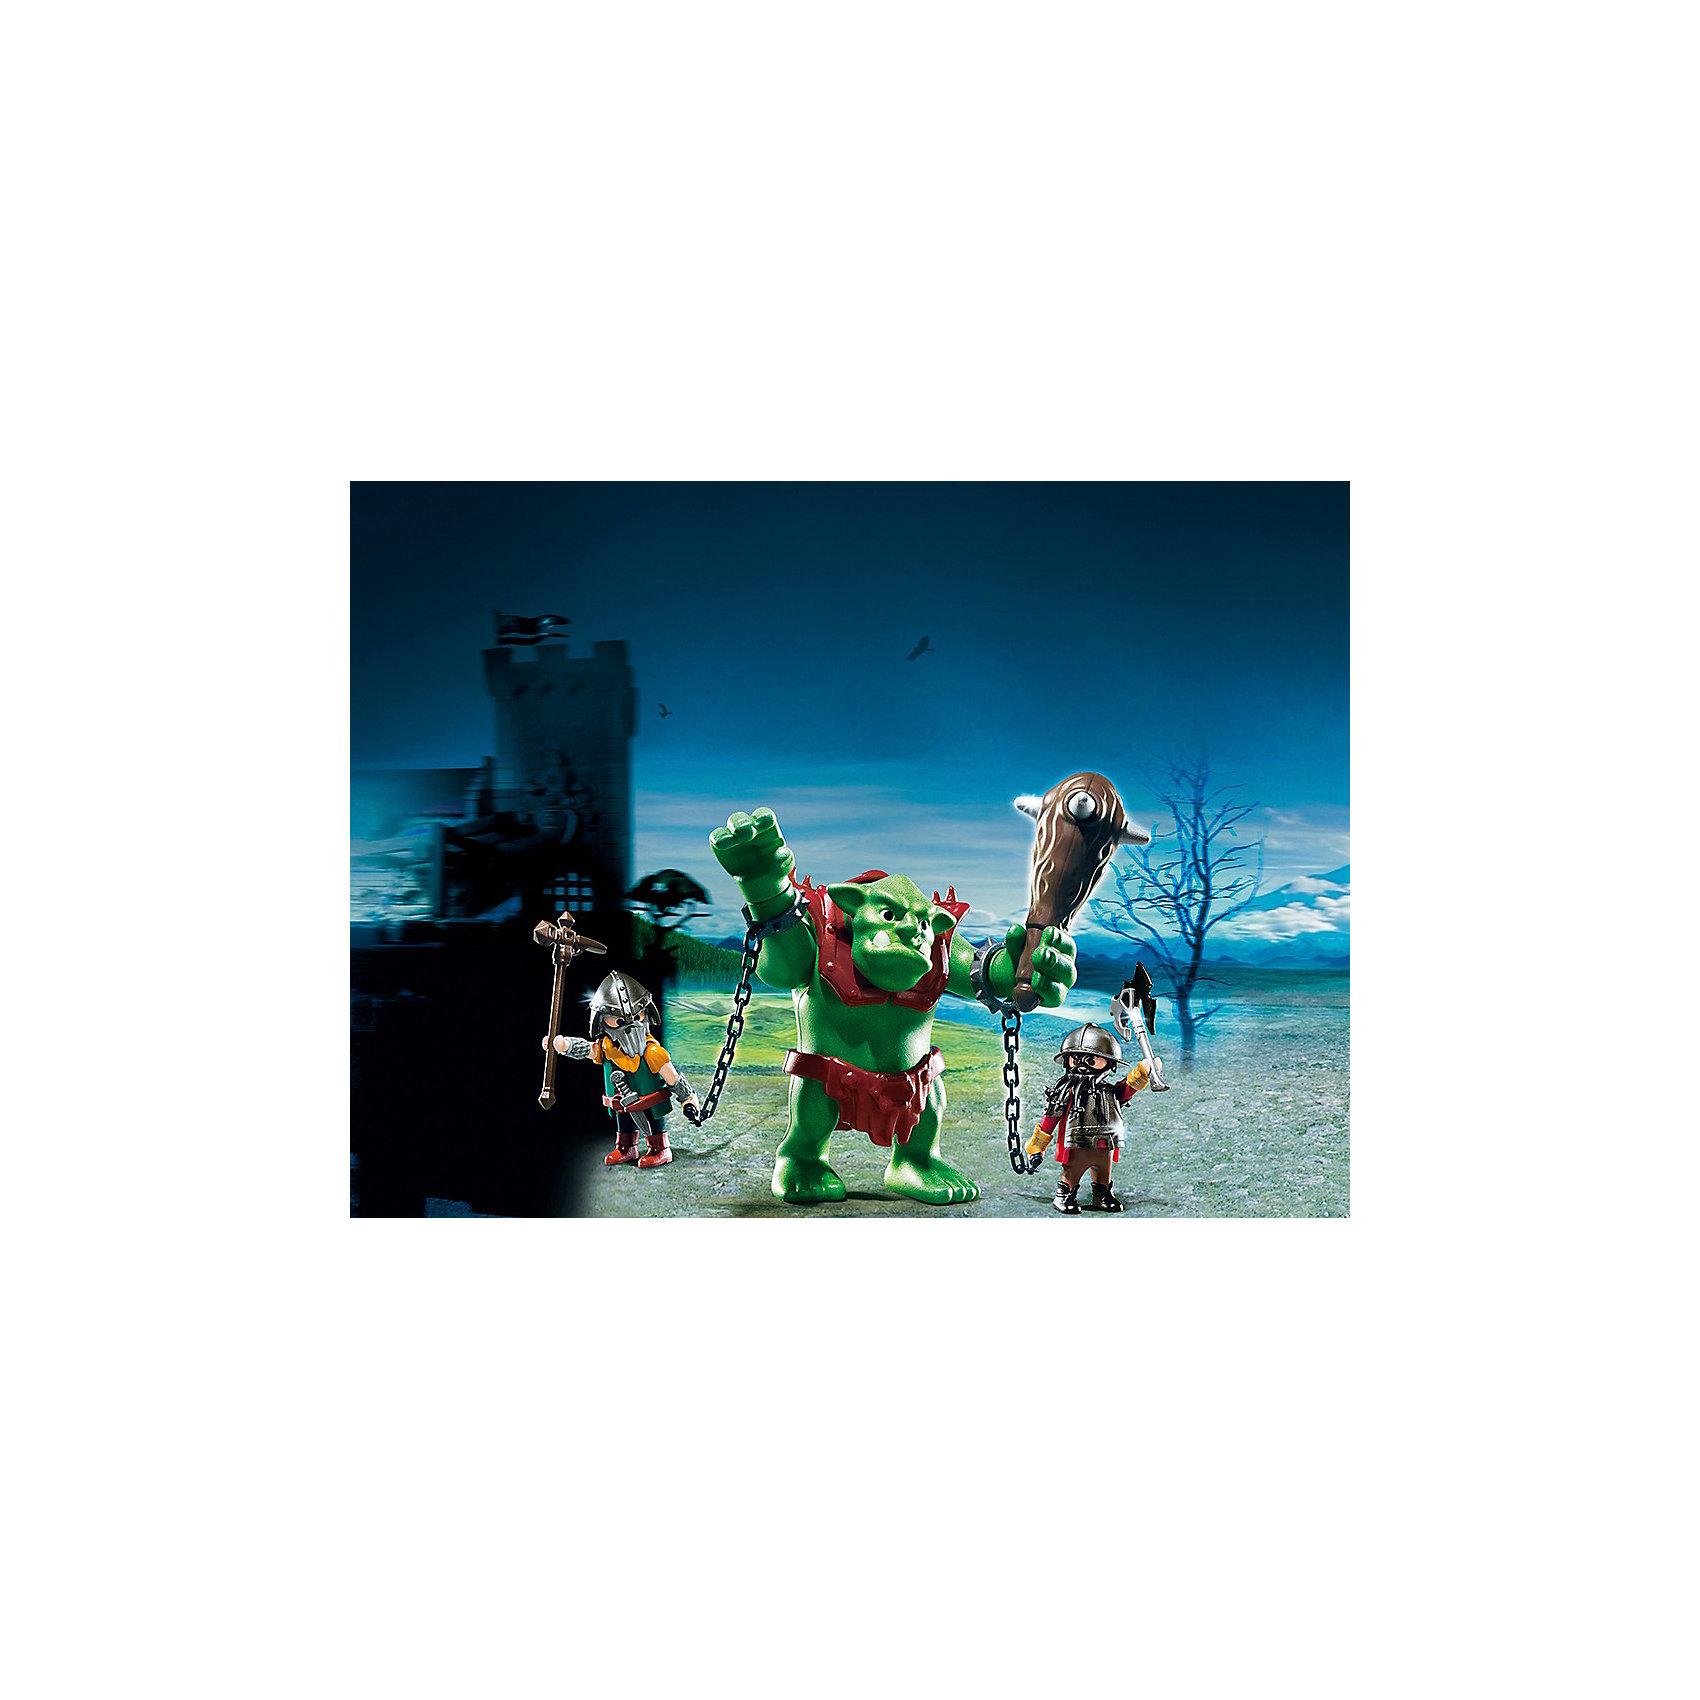 PLAYMOBIL 6004 Рыцари: Гигантский тролль и боевые гномыКонструктор PLAYMOBIL (Плеймобил) 6004 Рыцари: Гигантский тролль и боевые гномы - прекрасная возможность для ребенка проявить свою фантазию! Времена доблестных рыцарей, гигантских чудовищ и захватывающих приключений всегда будут для детей очень интересными. Боевые гномы поймали в лесу злодея - гигантского тролля. Огромный тролль вооружен гигантской дубинкой под стать своему хозяину. Но два отважных гнома смогли заковать тролля в кандалы и ведут в темницу! Чем закончится это опасное предприятие решать тебе! Туловище и руки чудовища подвижны, поэтому ребенок сможет представить как тролль сопротивляется своим пленителям. Создай увлекательные сюжеты с набором Гигантский тролль и боевые гномы или объедини его с другими наборами серии и игра станет еще интереснее. Придумывая увлекательные сюжеты с деталями конструктора, Ваш ребенок развивает фантазию, мышление и просто прекрасно проводит время!<br><br>Дополнительная информация:<br><br>- Конструкторы PLAYMOBIL (Плеймобил) отлично развивают мелкую моторику, фантазию и воображение;<br>- В наборе: 2 минифигурки гномов, фигурка тролля, дубинка, оружие, доспехи, кандалы и другие аксессуары;<br>- Количество деталей: 20 шт;<br>- Материал: безопасный пластик;<br>- Размер упаковки: 47,5 х 16,5 х 21,5 см<br><br>Конструктор PLAYMOBIL (Плеймобил) 6004 Рыцари: Гигантский тролль и боевые гномы можно купить в нашем интернет-магазине.<br><br>Ширина мм: 201<br>Глубина мм: 149<br>Высота мм: 79<br>Вес г: 203<br>Возраст от месяцев: 48<br>Возраст до месяцев: 120<br>Пол: Мужской<br>Возраст: Детский<br>SKU: 3536851